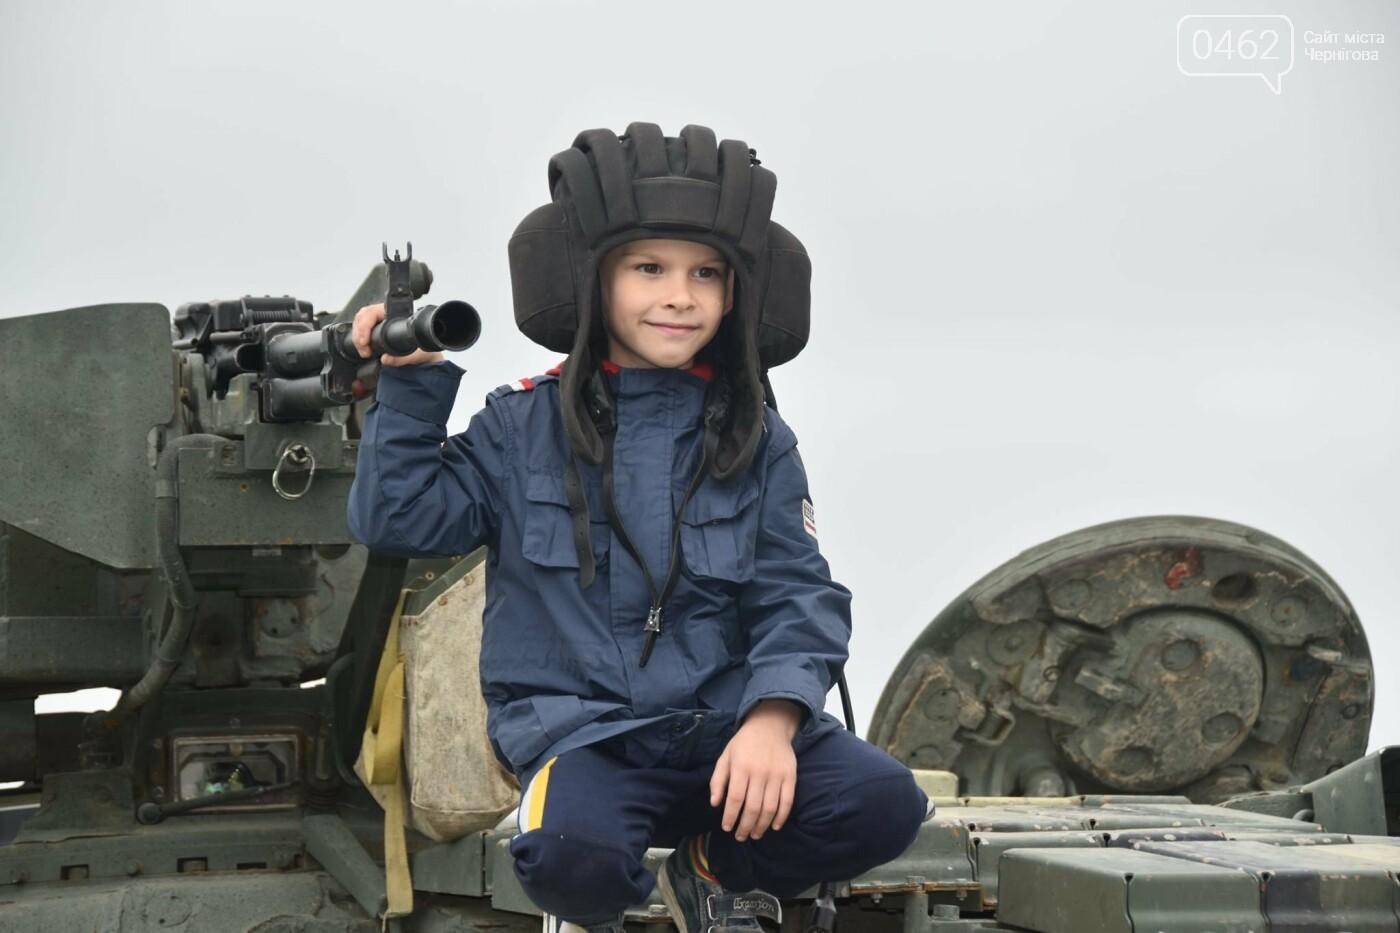 Як стати танкістом. Чернігівським дітям військові показали свою роботу і побут, фото-4